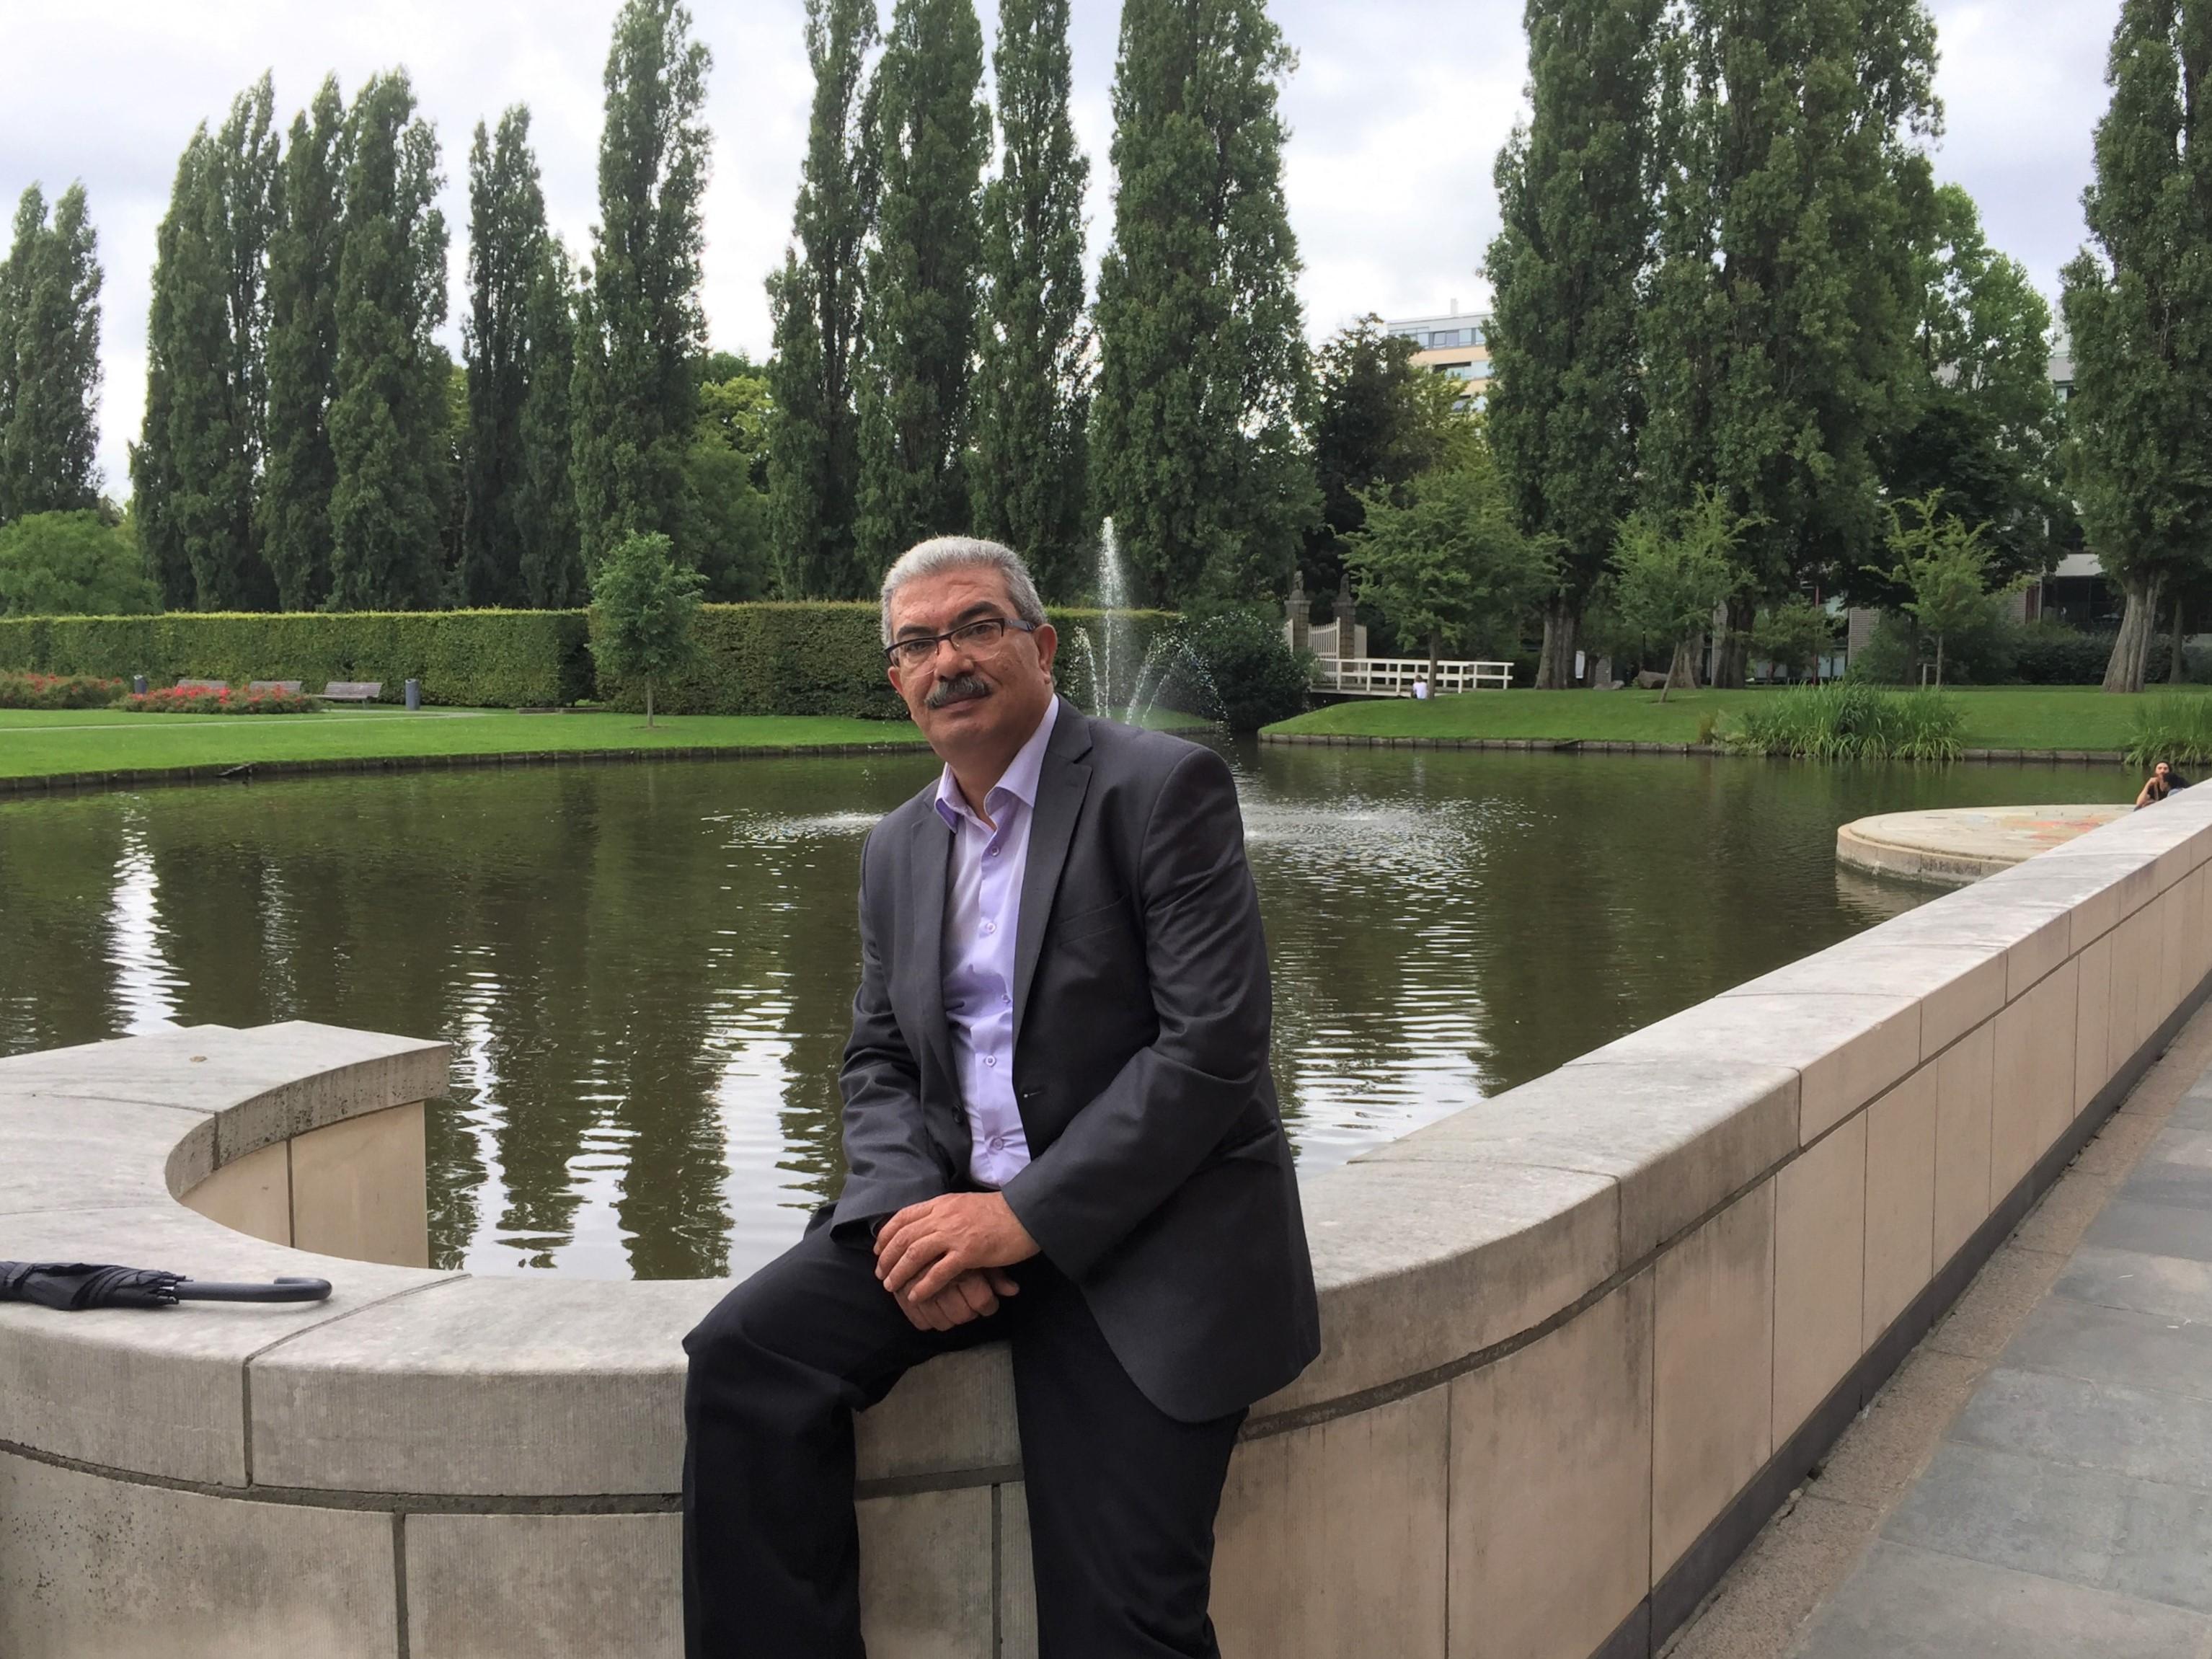 Abgebildet: Der palästinensische Menschenrechtler Iyad Haddad in Den Haag